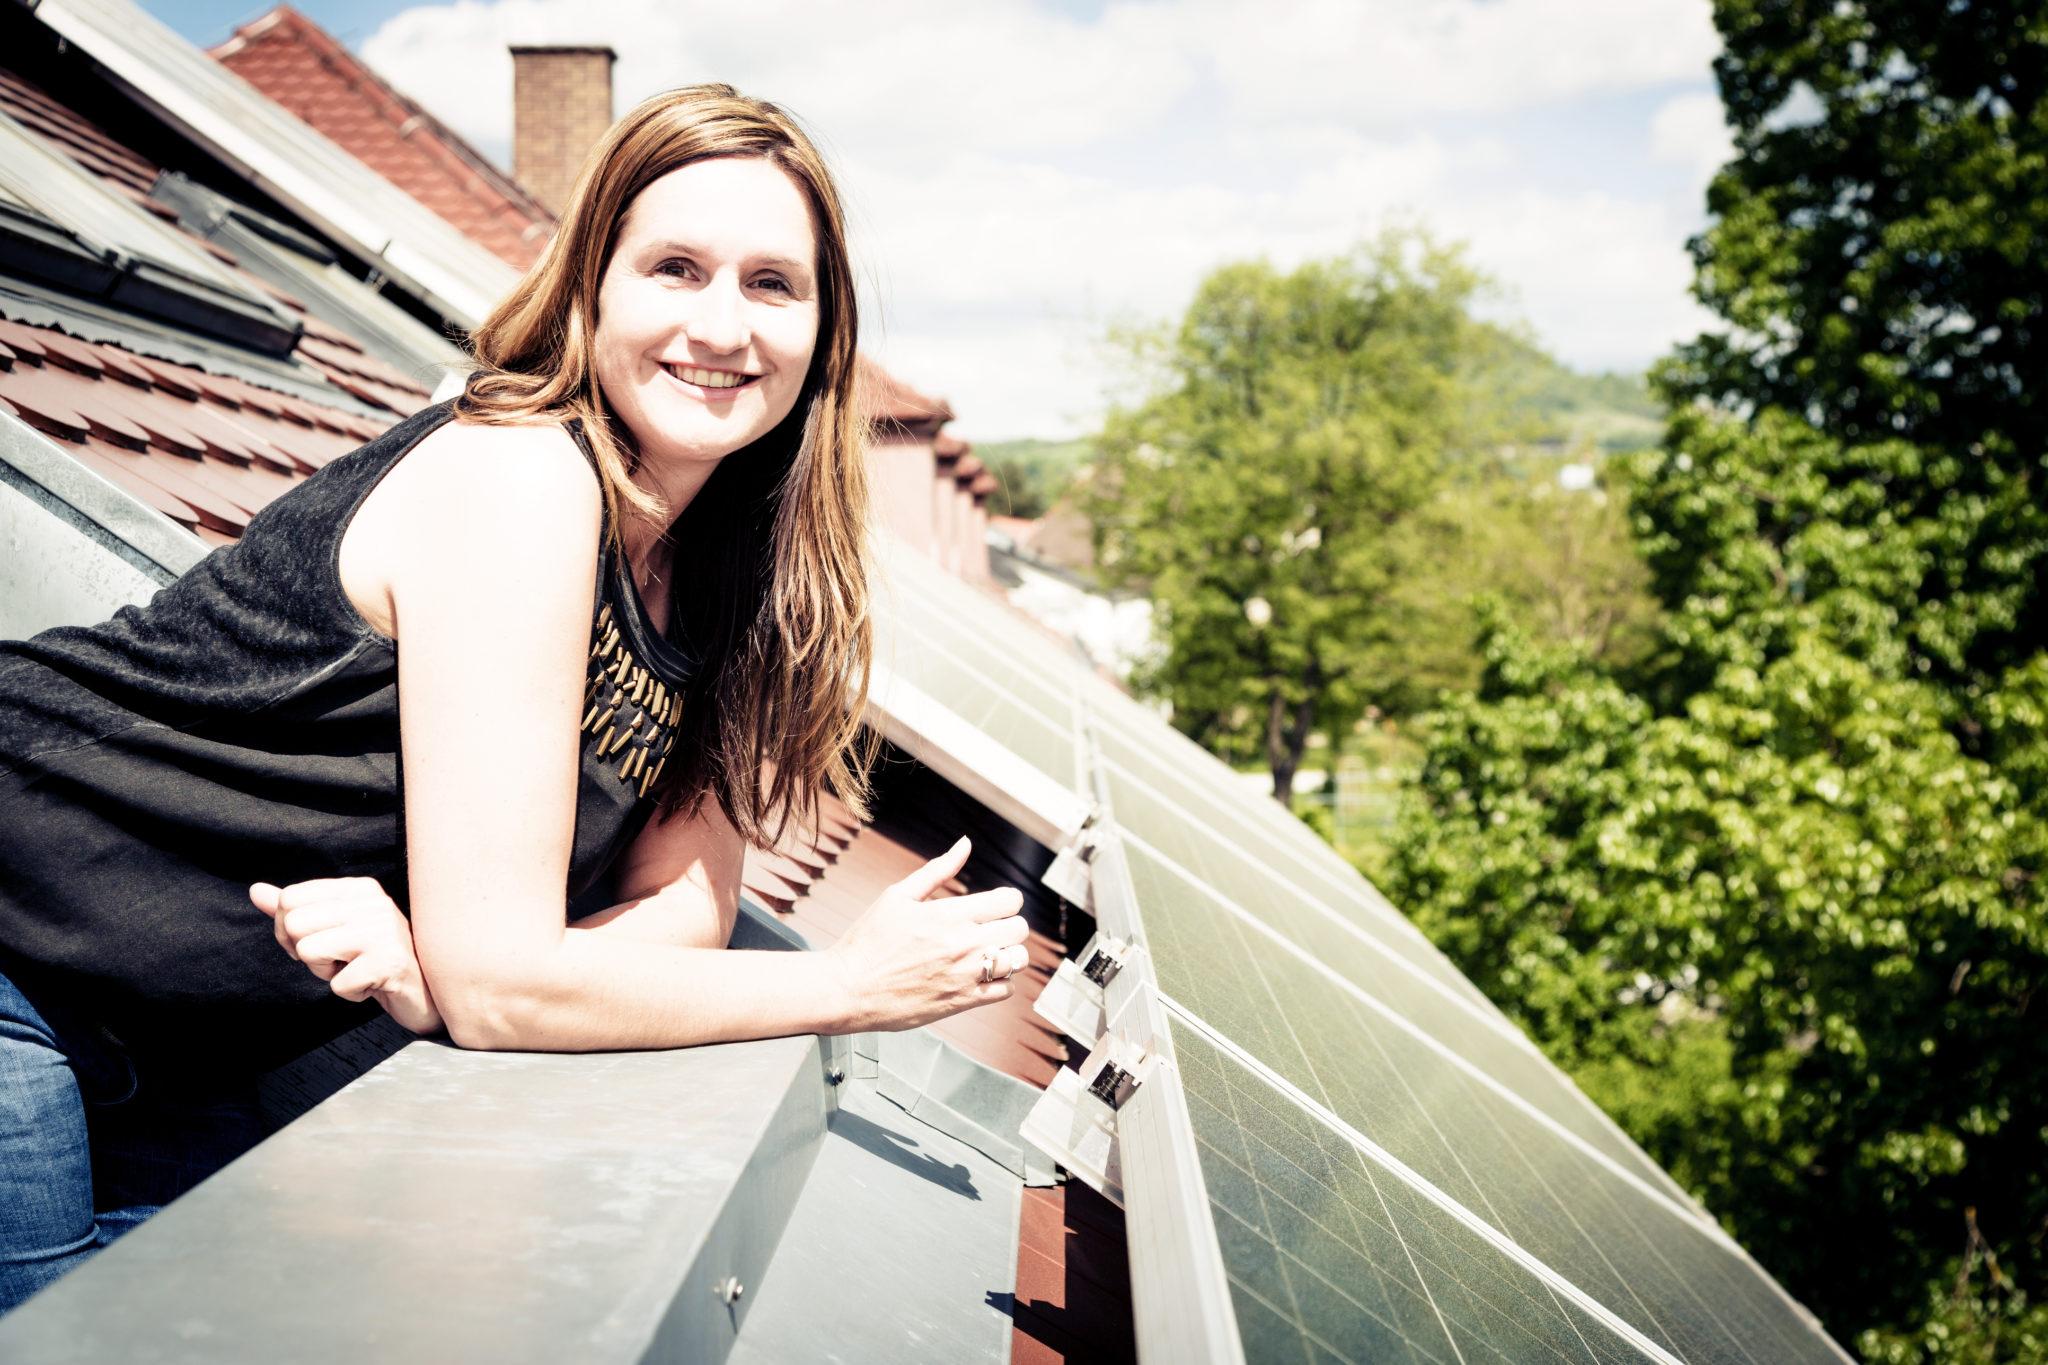 voordelen van zonnepanelen